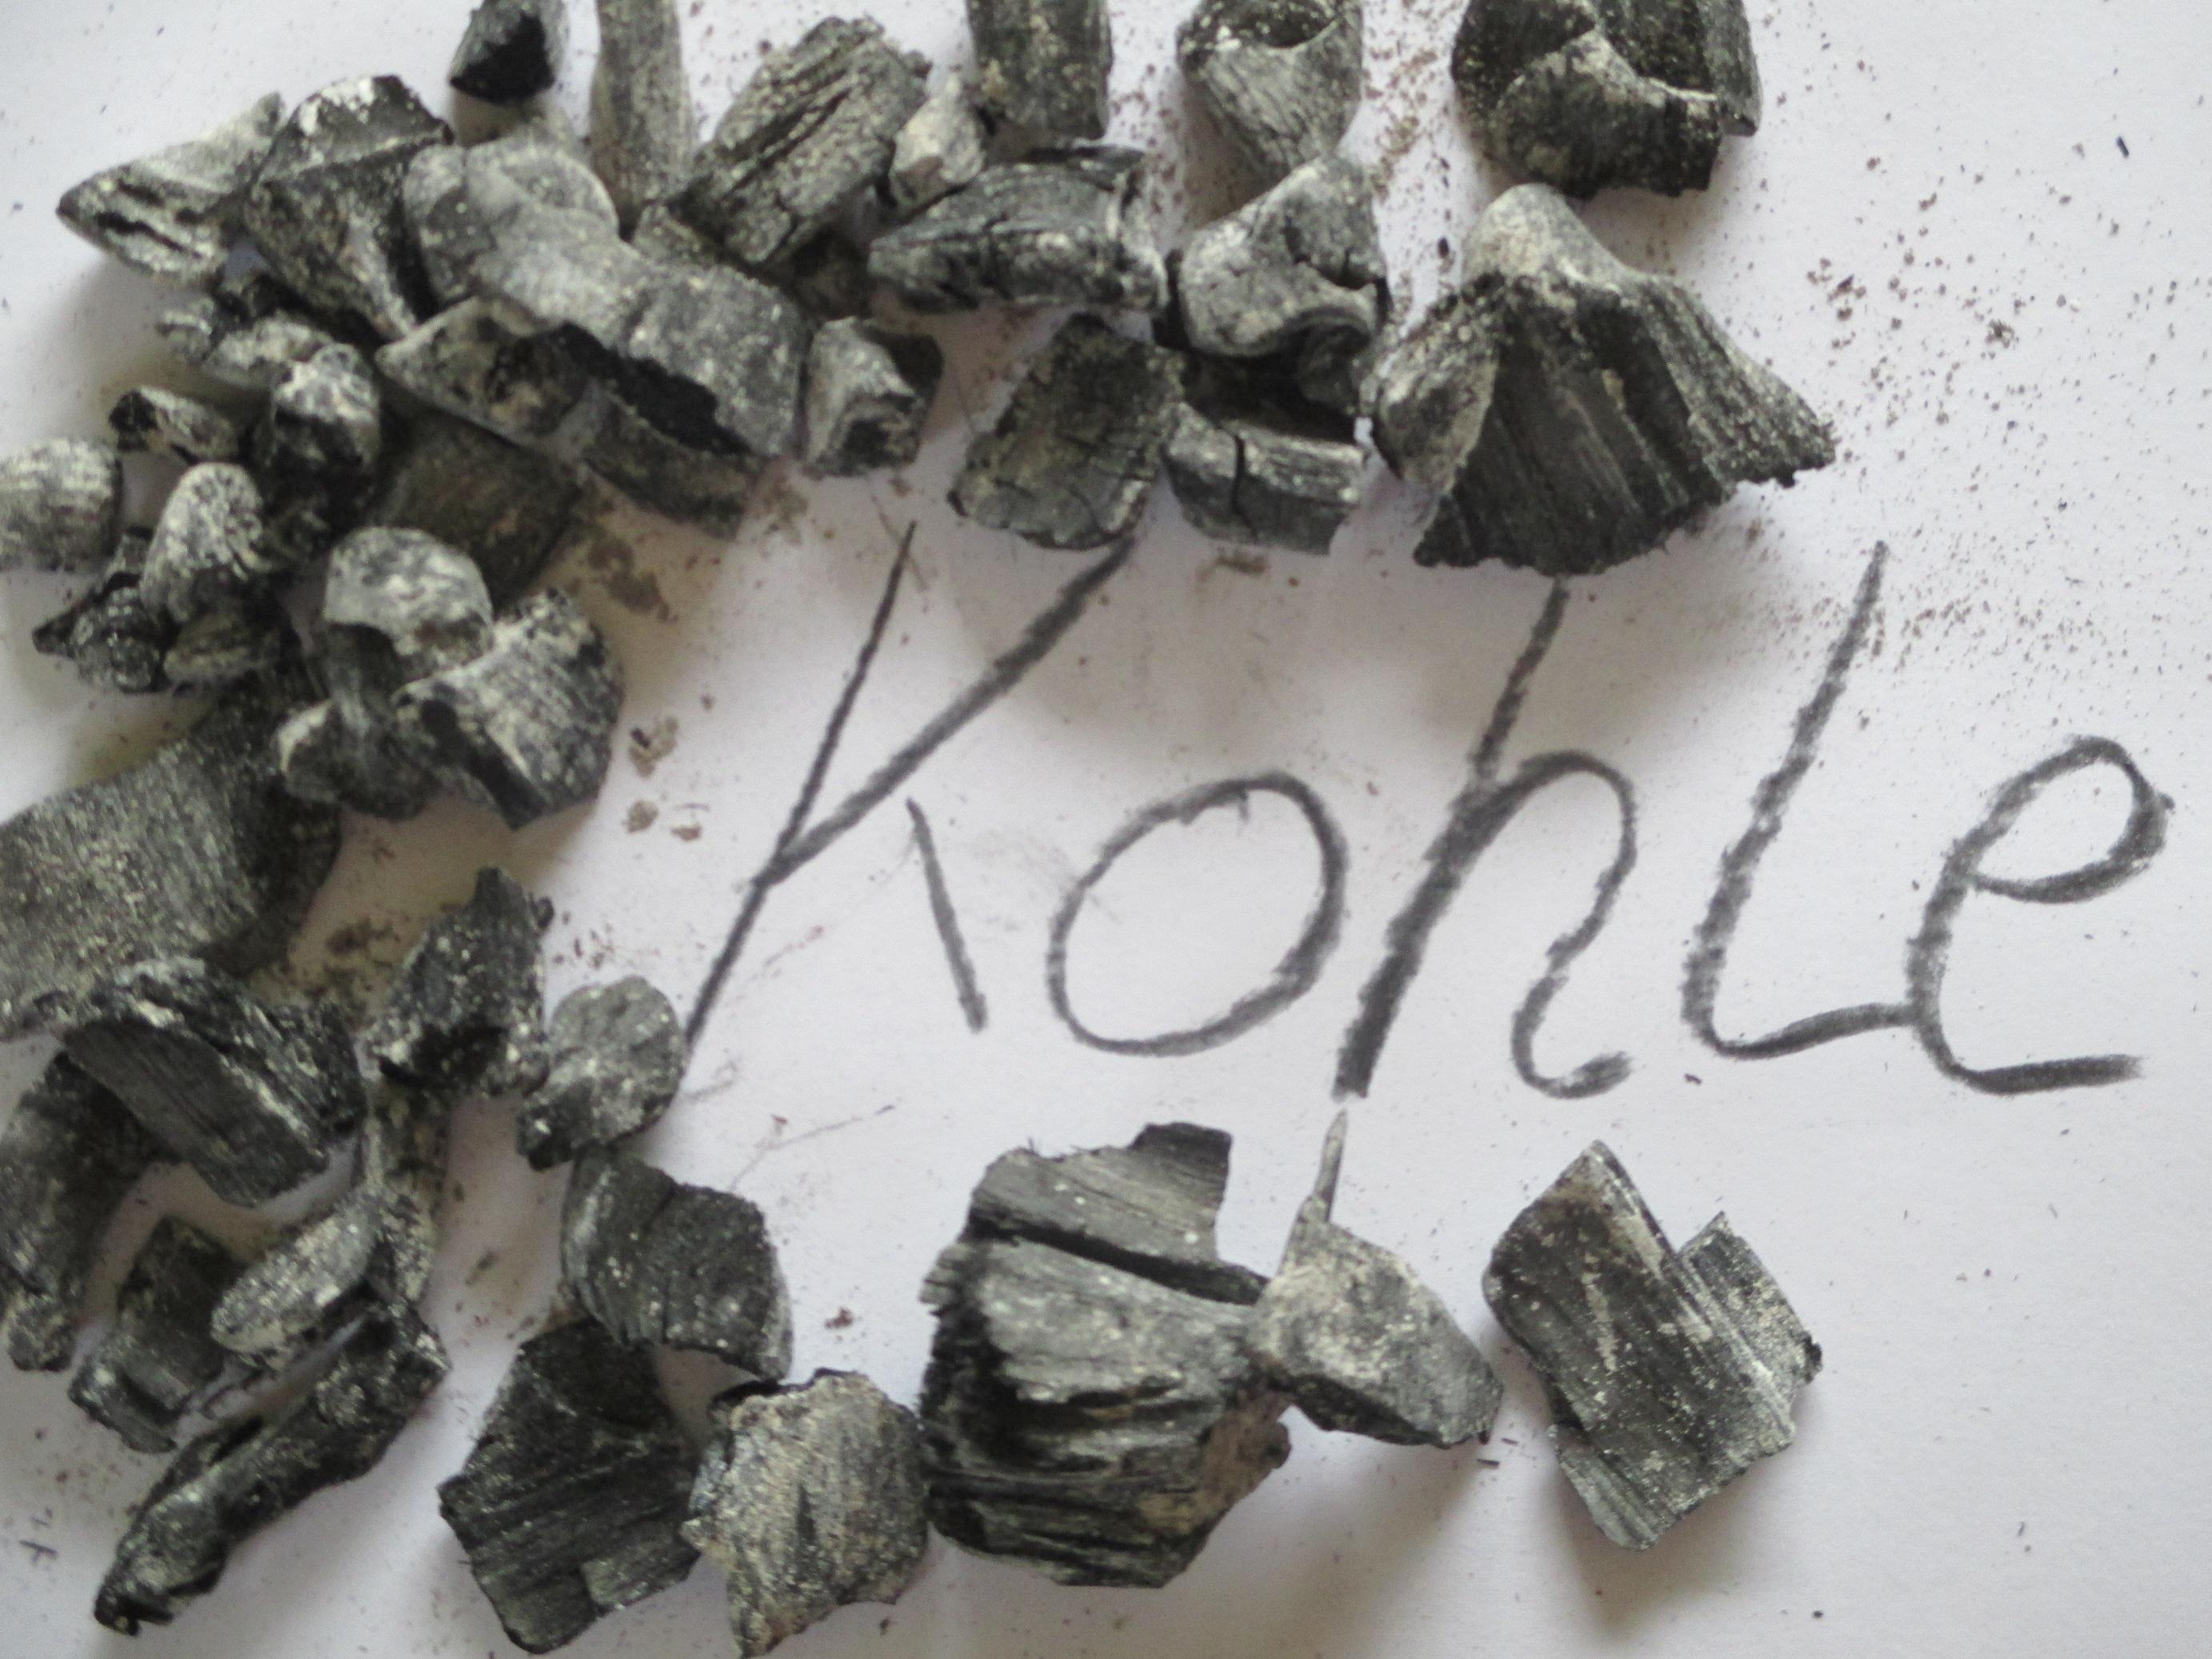 k-e-koehlerei-klein